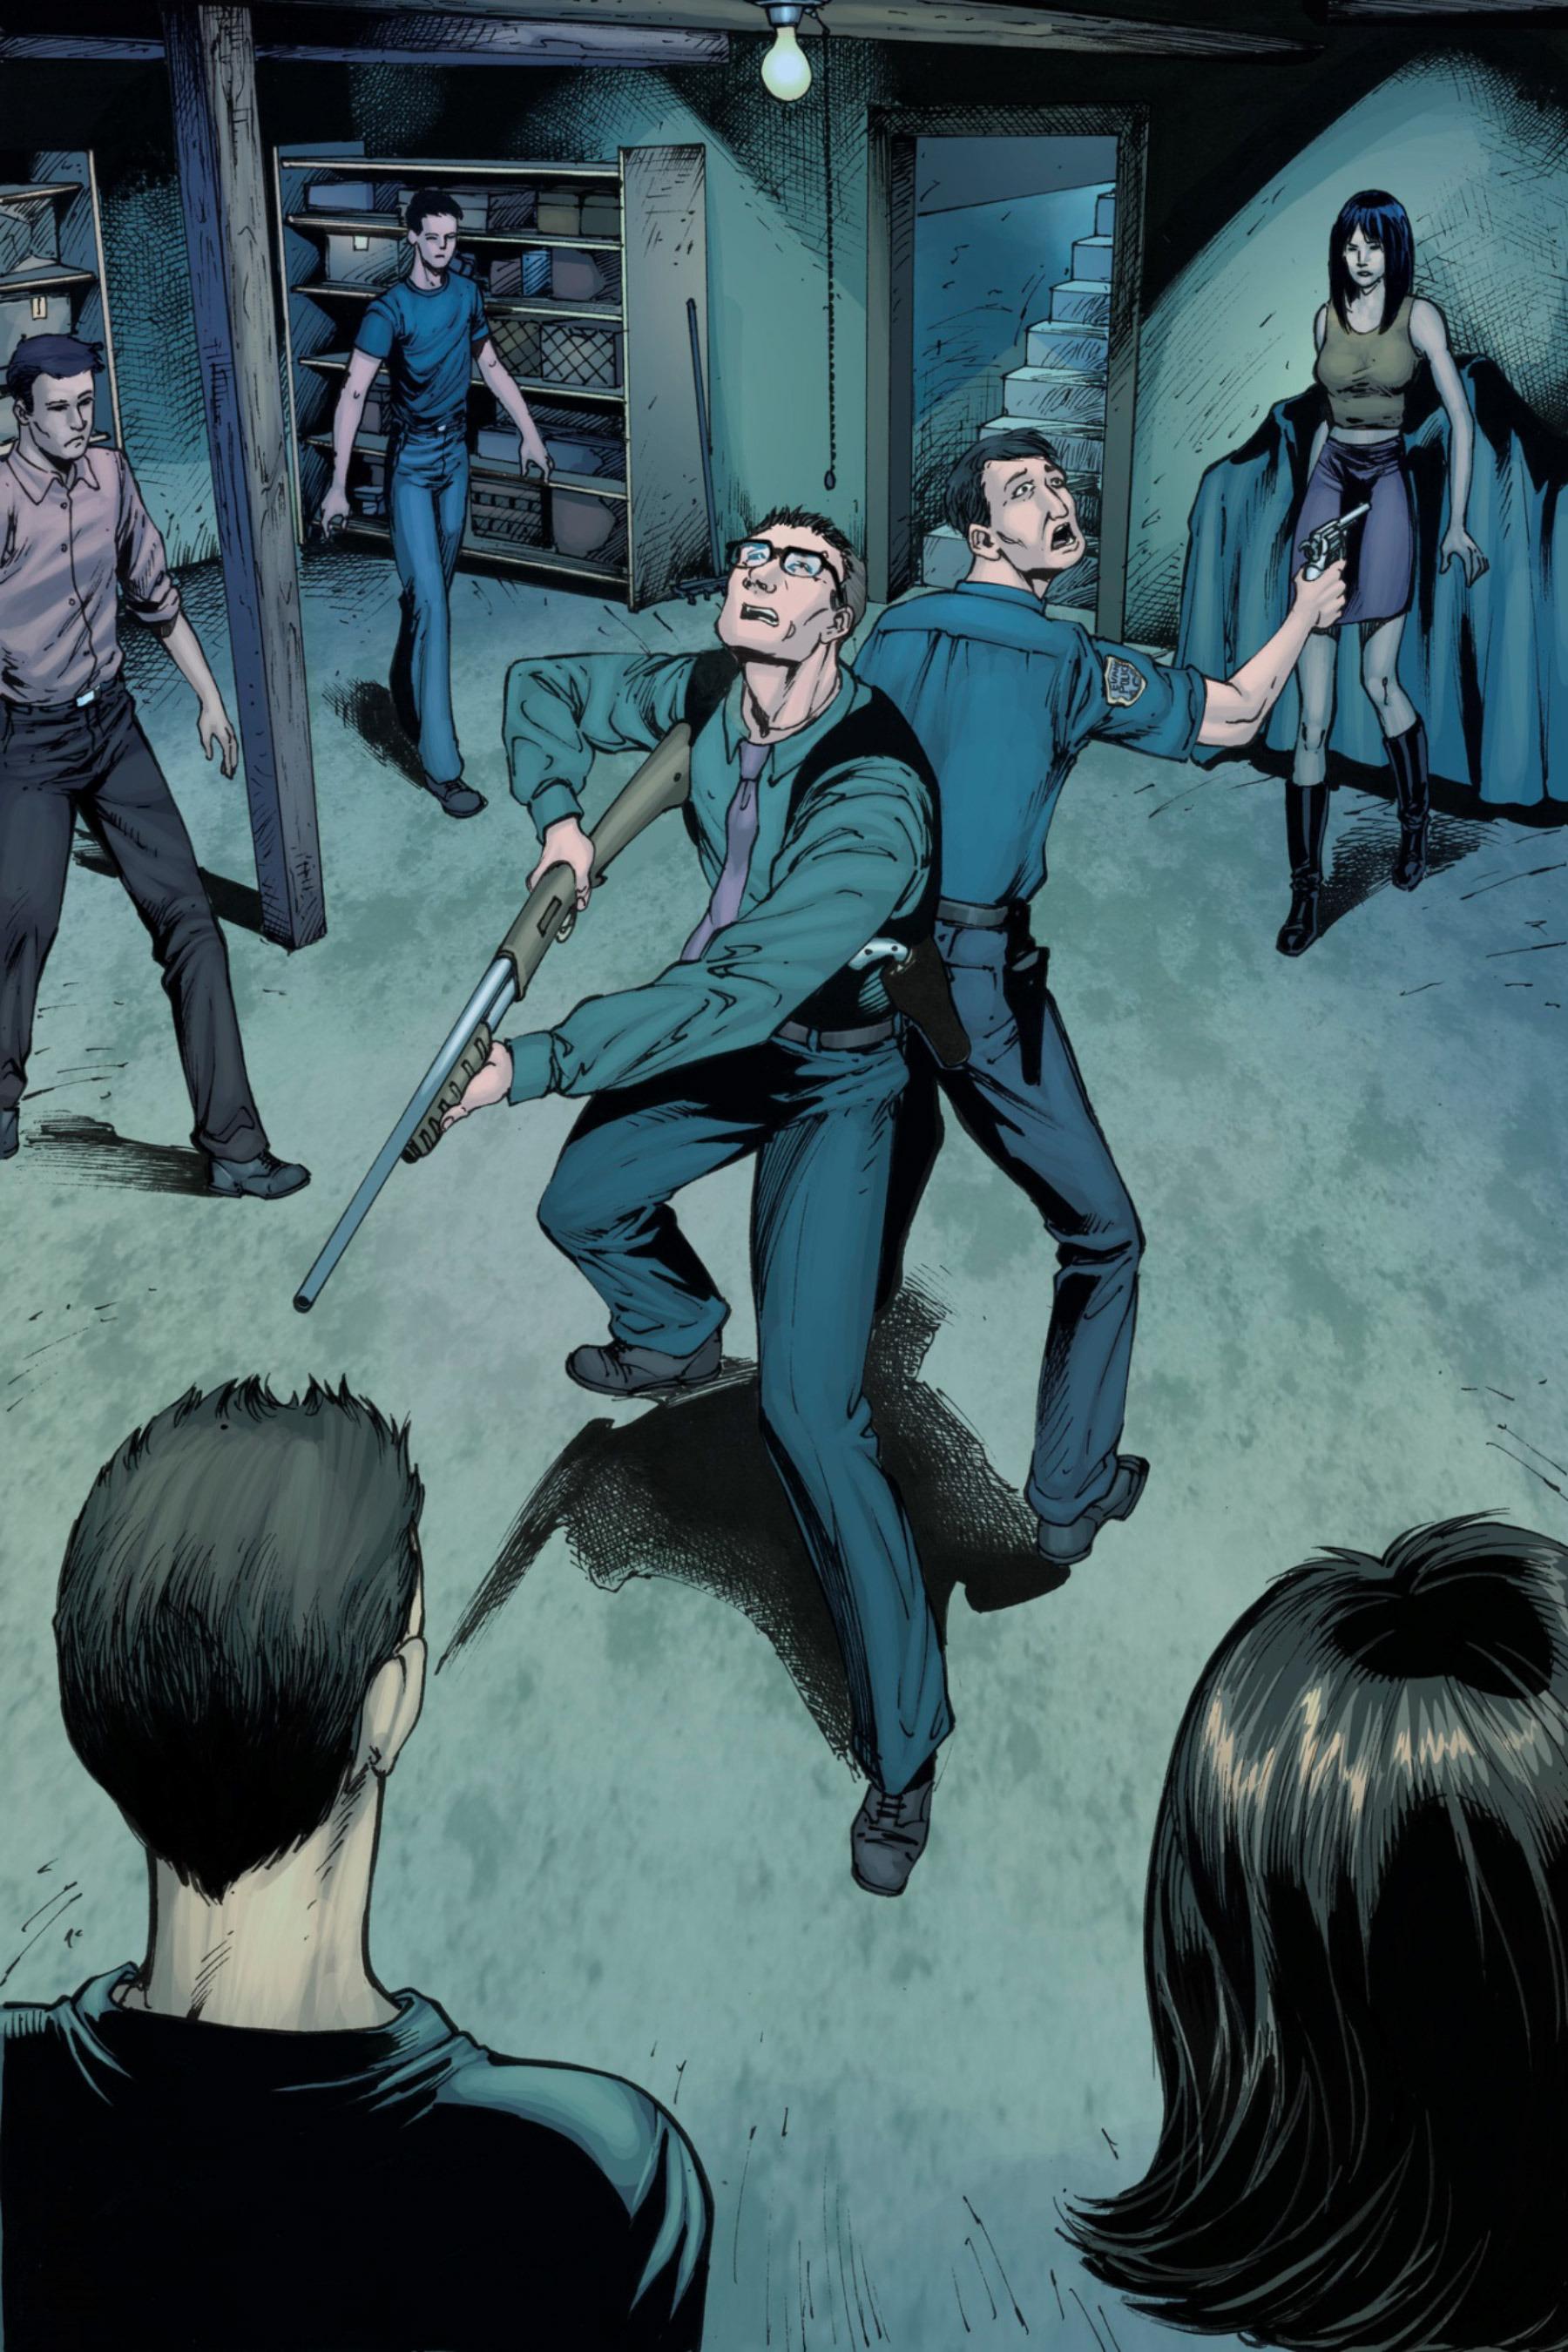 Read online Z-Men comic -  Issue #3 - 81